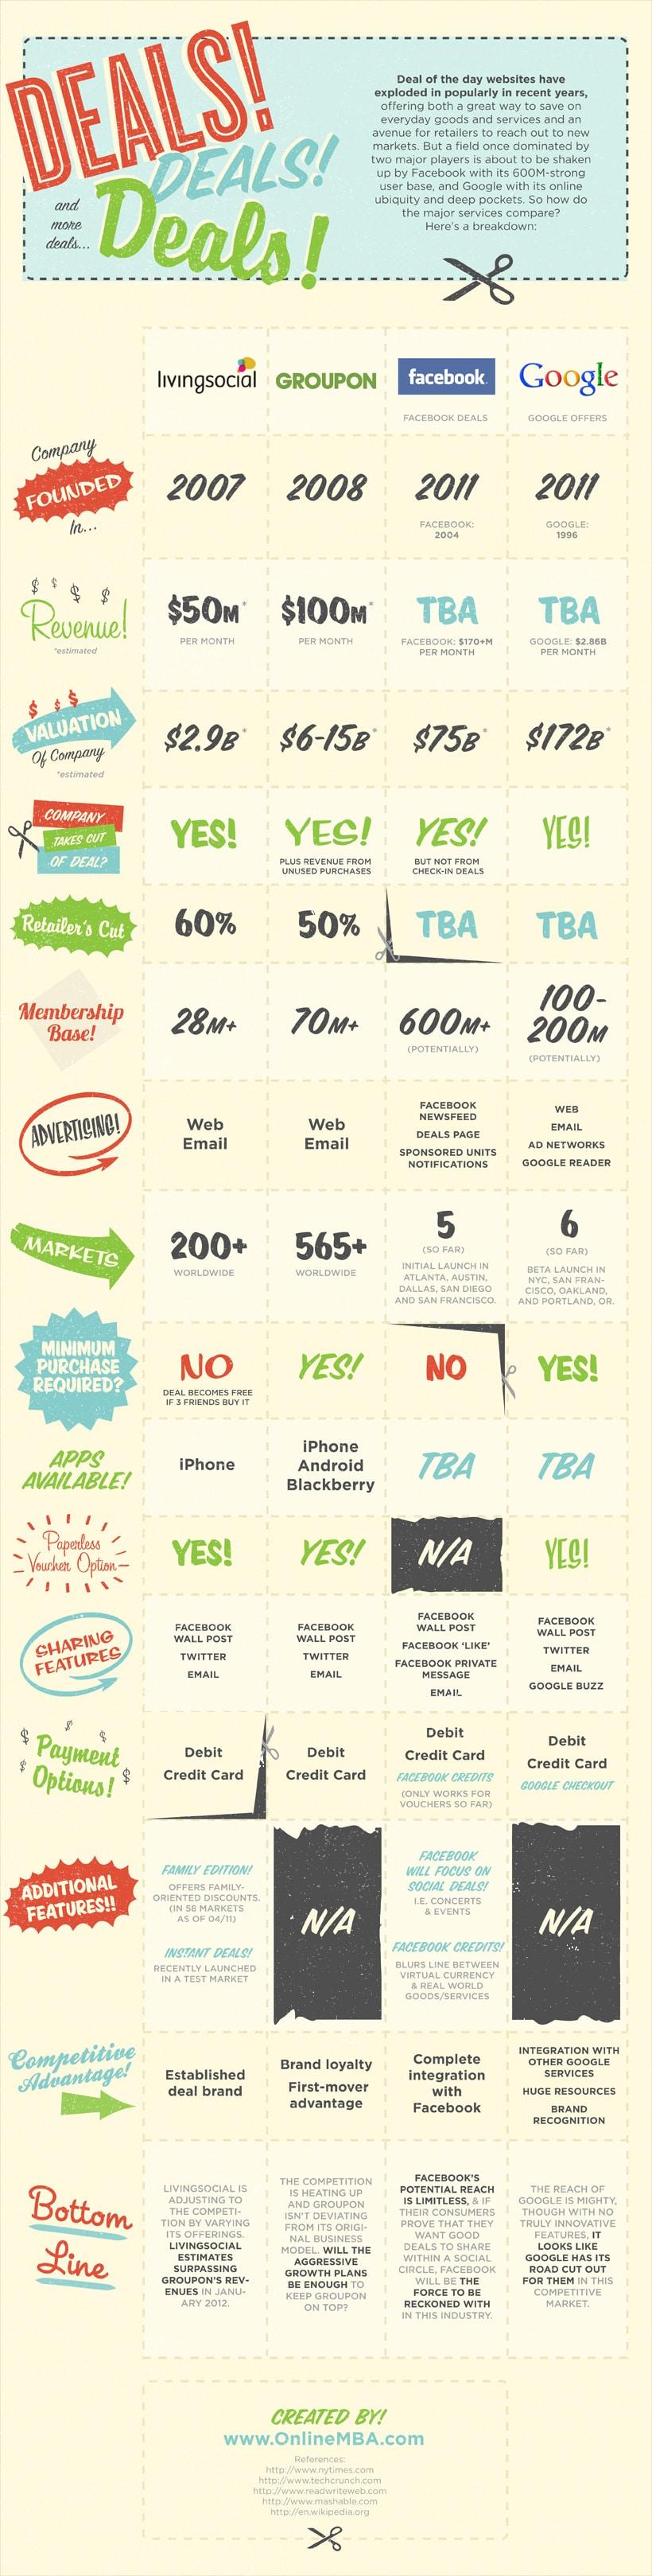 Online Groupon Deal Service Comparison